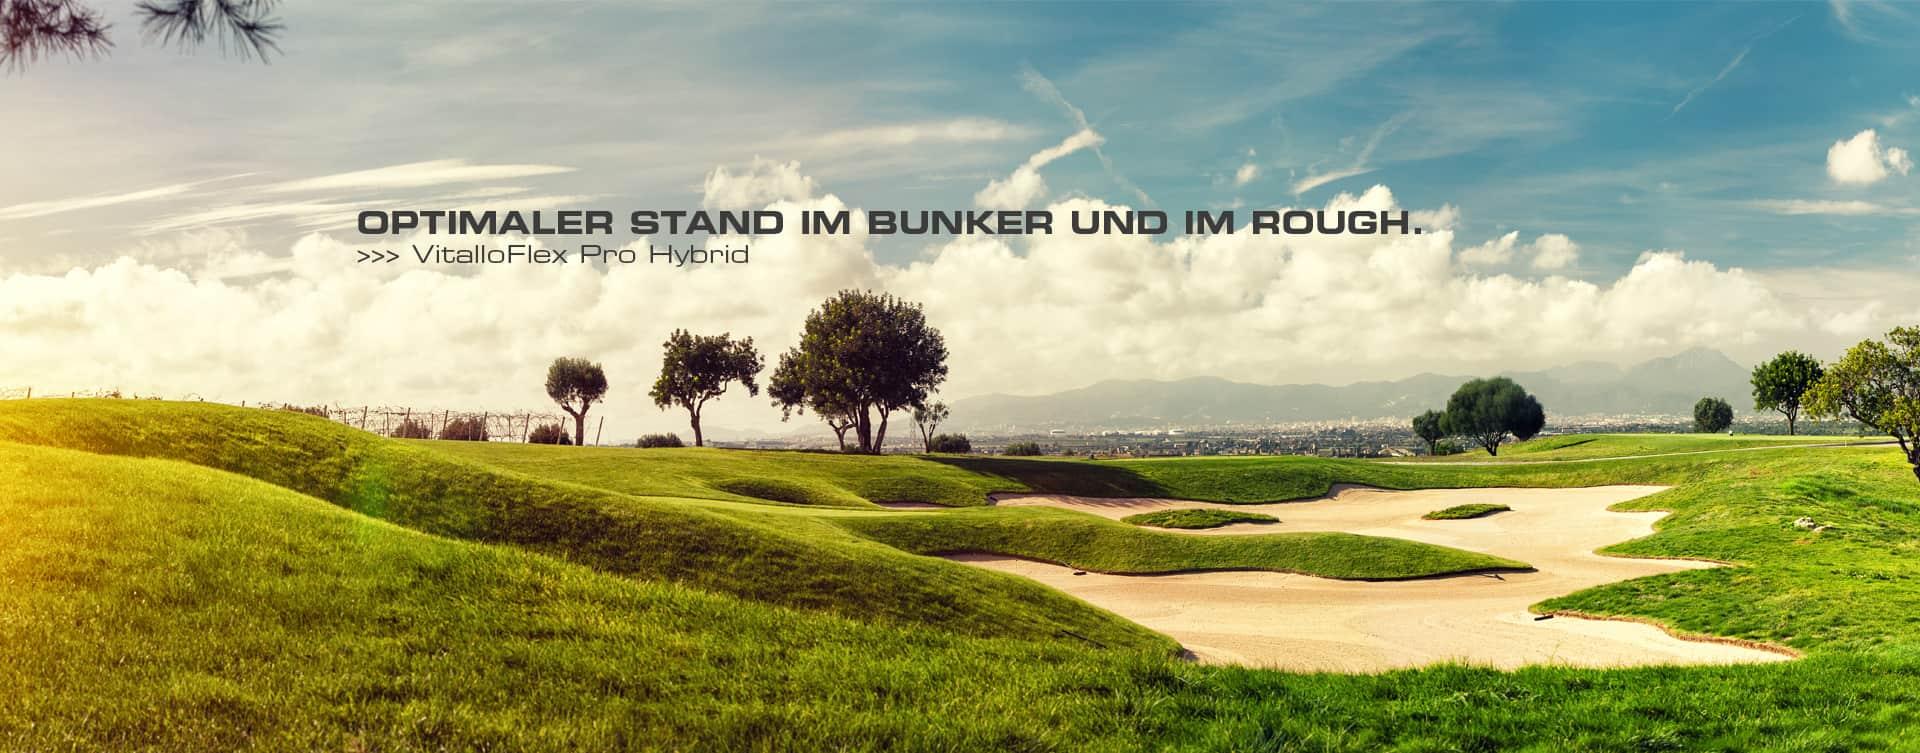 Erst die perfekte Balance des Körpers ermöglicht ein besseres Golfen. Der VitalloFlex Pro Hybrid ist die konsequente Umsetzung aller Bedürfnisse, die Fuß und Körper beim Golfsport an einen Schuh stellen und die Summe all unserer Erfahrungen in jedem Detail.